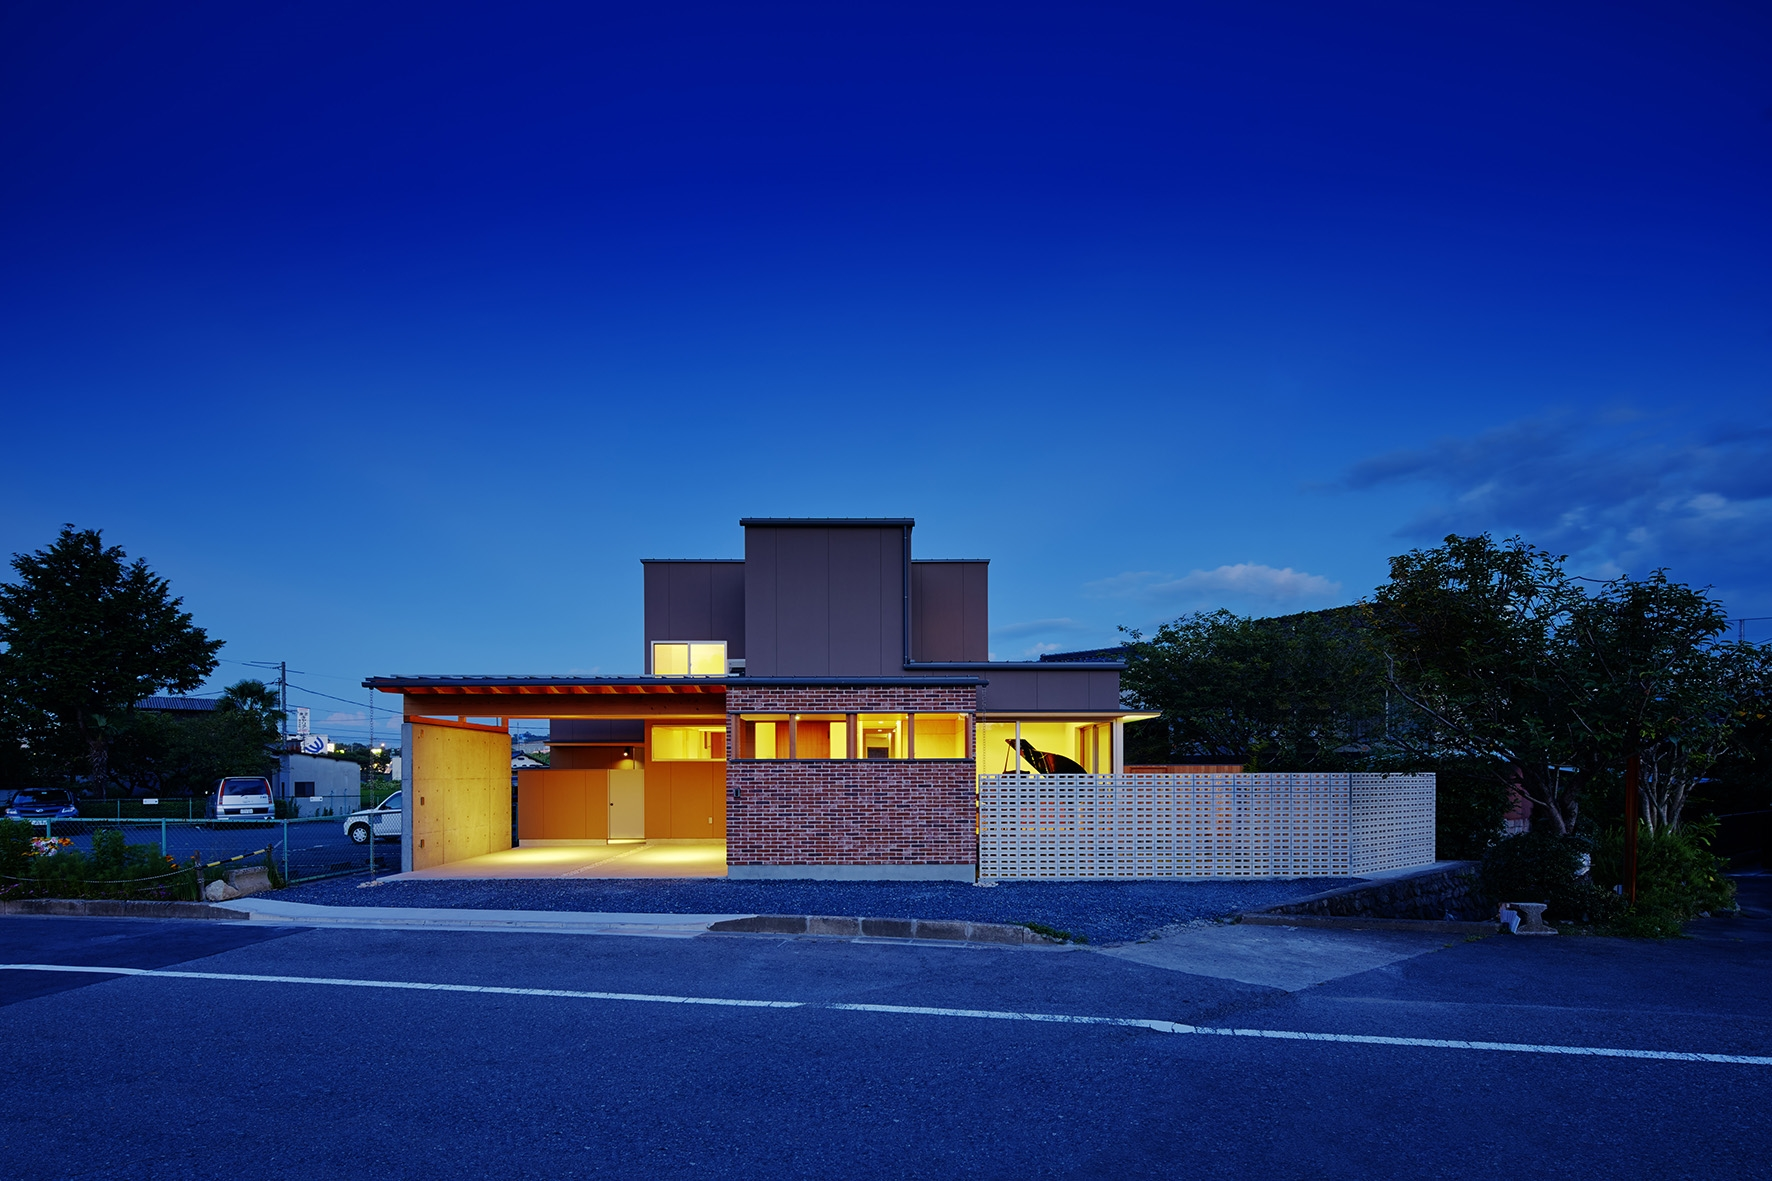 ケンチックス onh 岡山デザイナーズ住宅ギャラリー